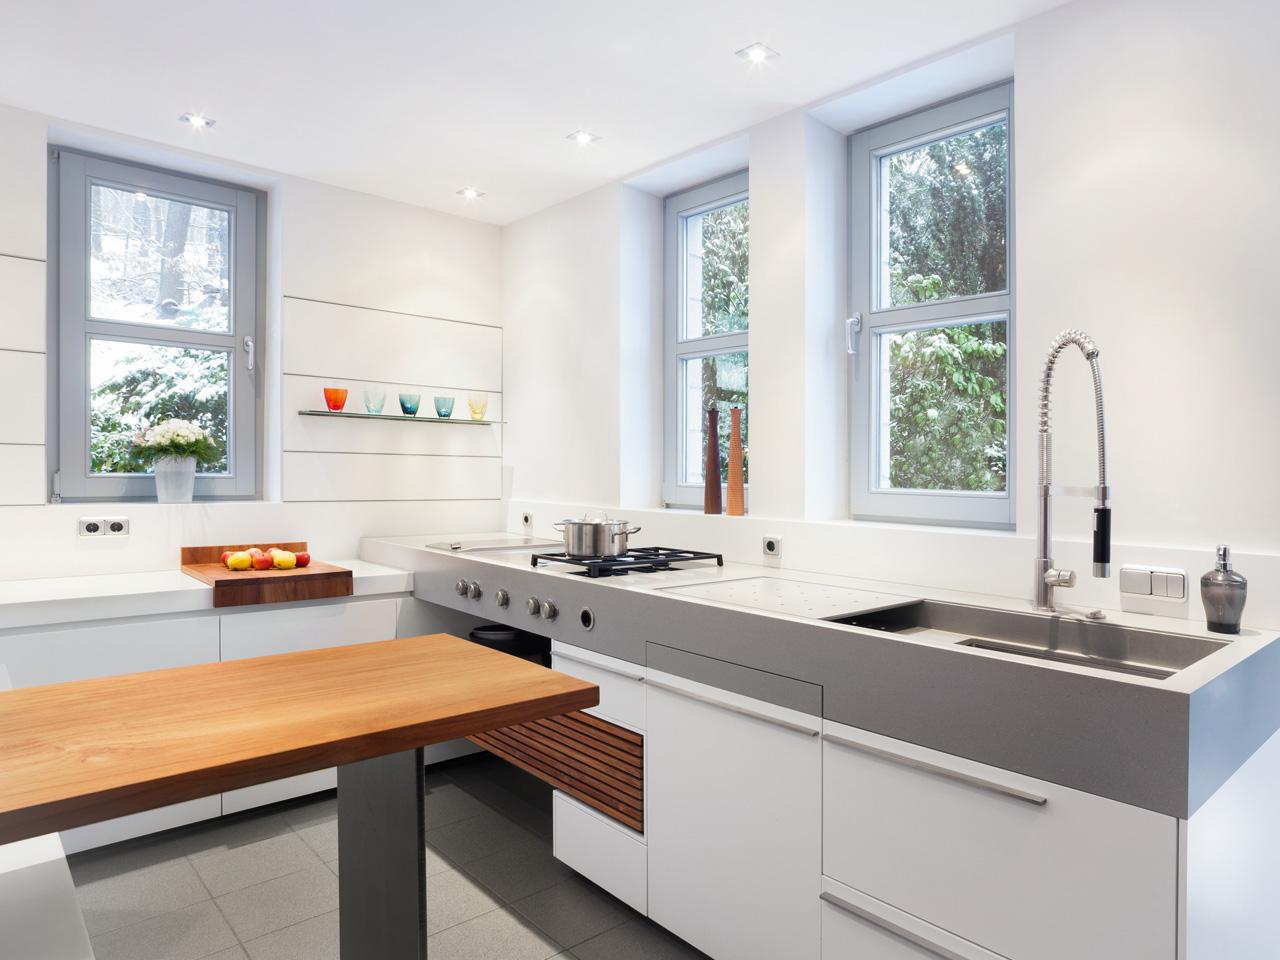 plan 3 kuchyně / Luxusní kuchyň na míru / Klasický tvar místnosti smoderním řešením